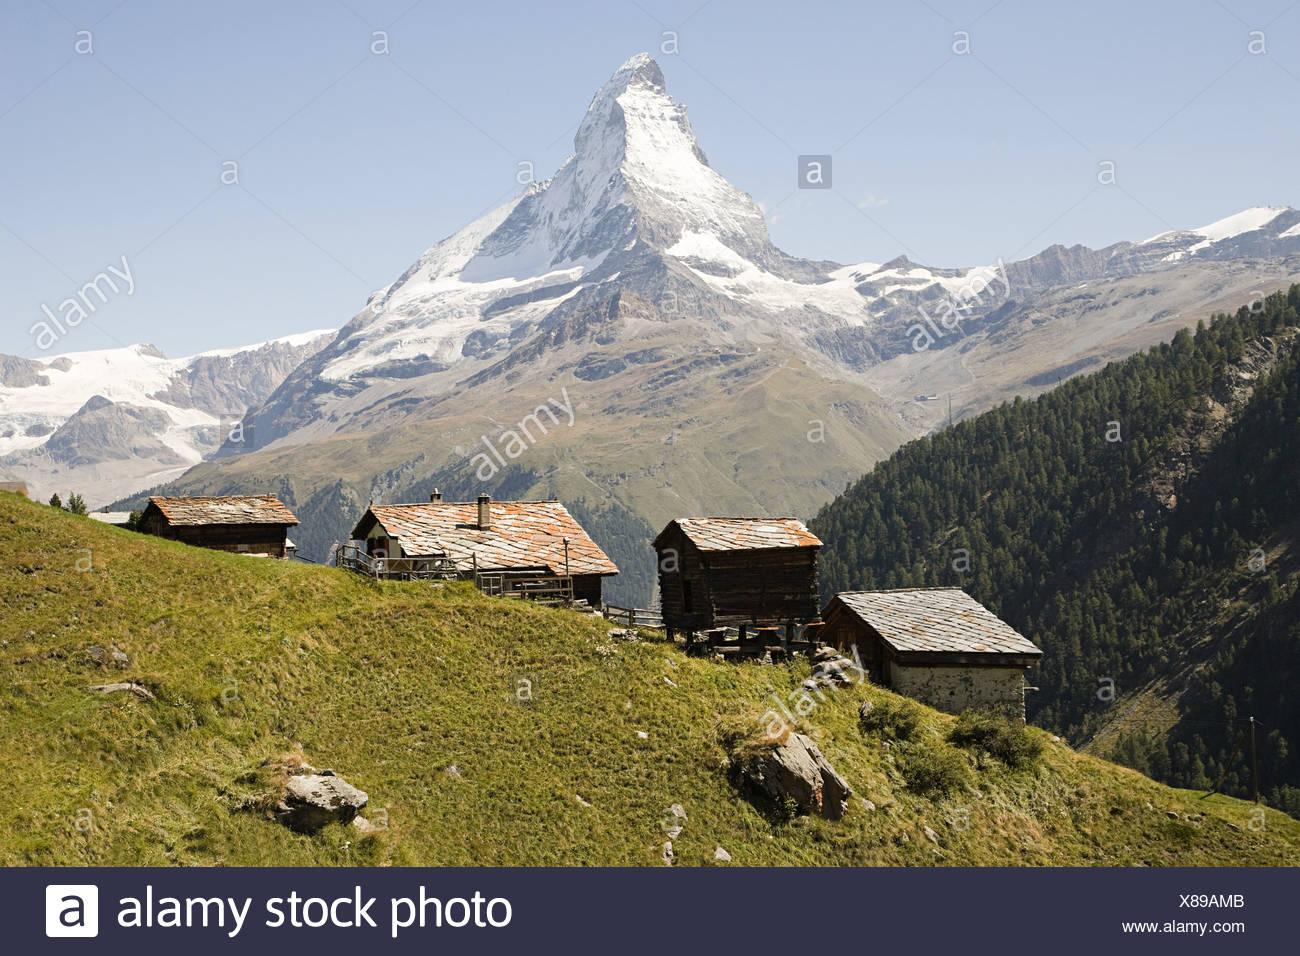 Hillside houses near matterhorn - Stock Image